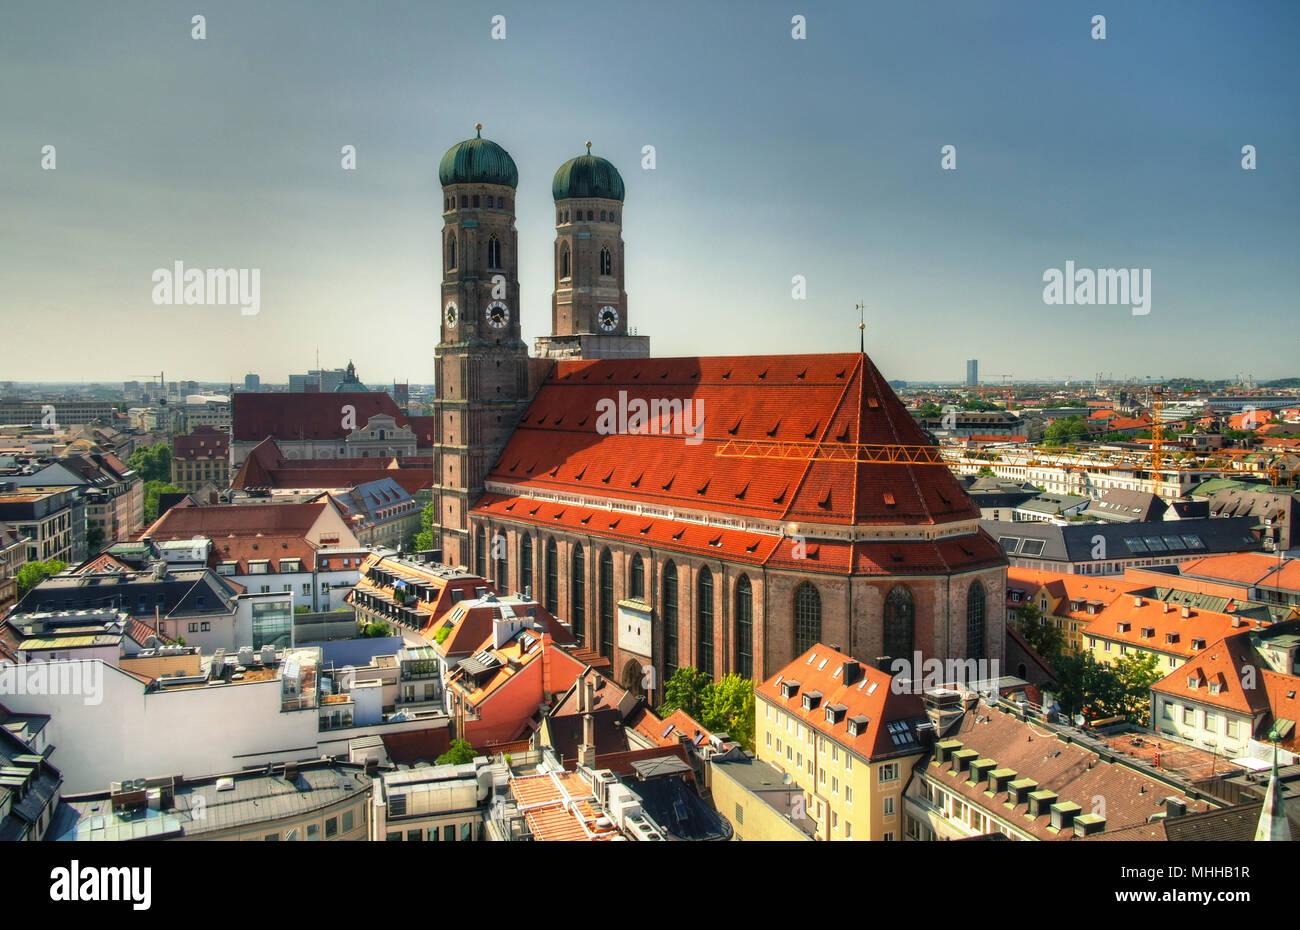 Vista aerea alla chiesa Frauenkirche di Monaco di Baviera, Germania Immagini Stock